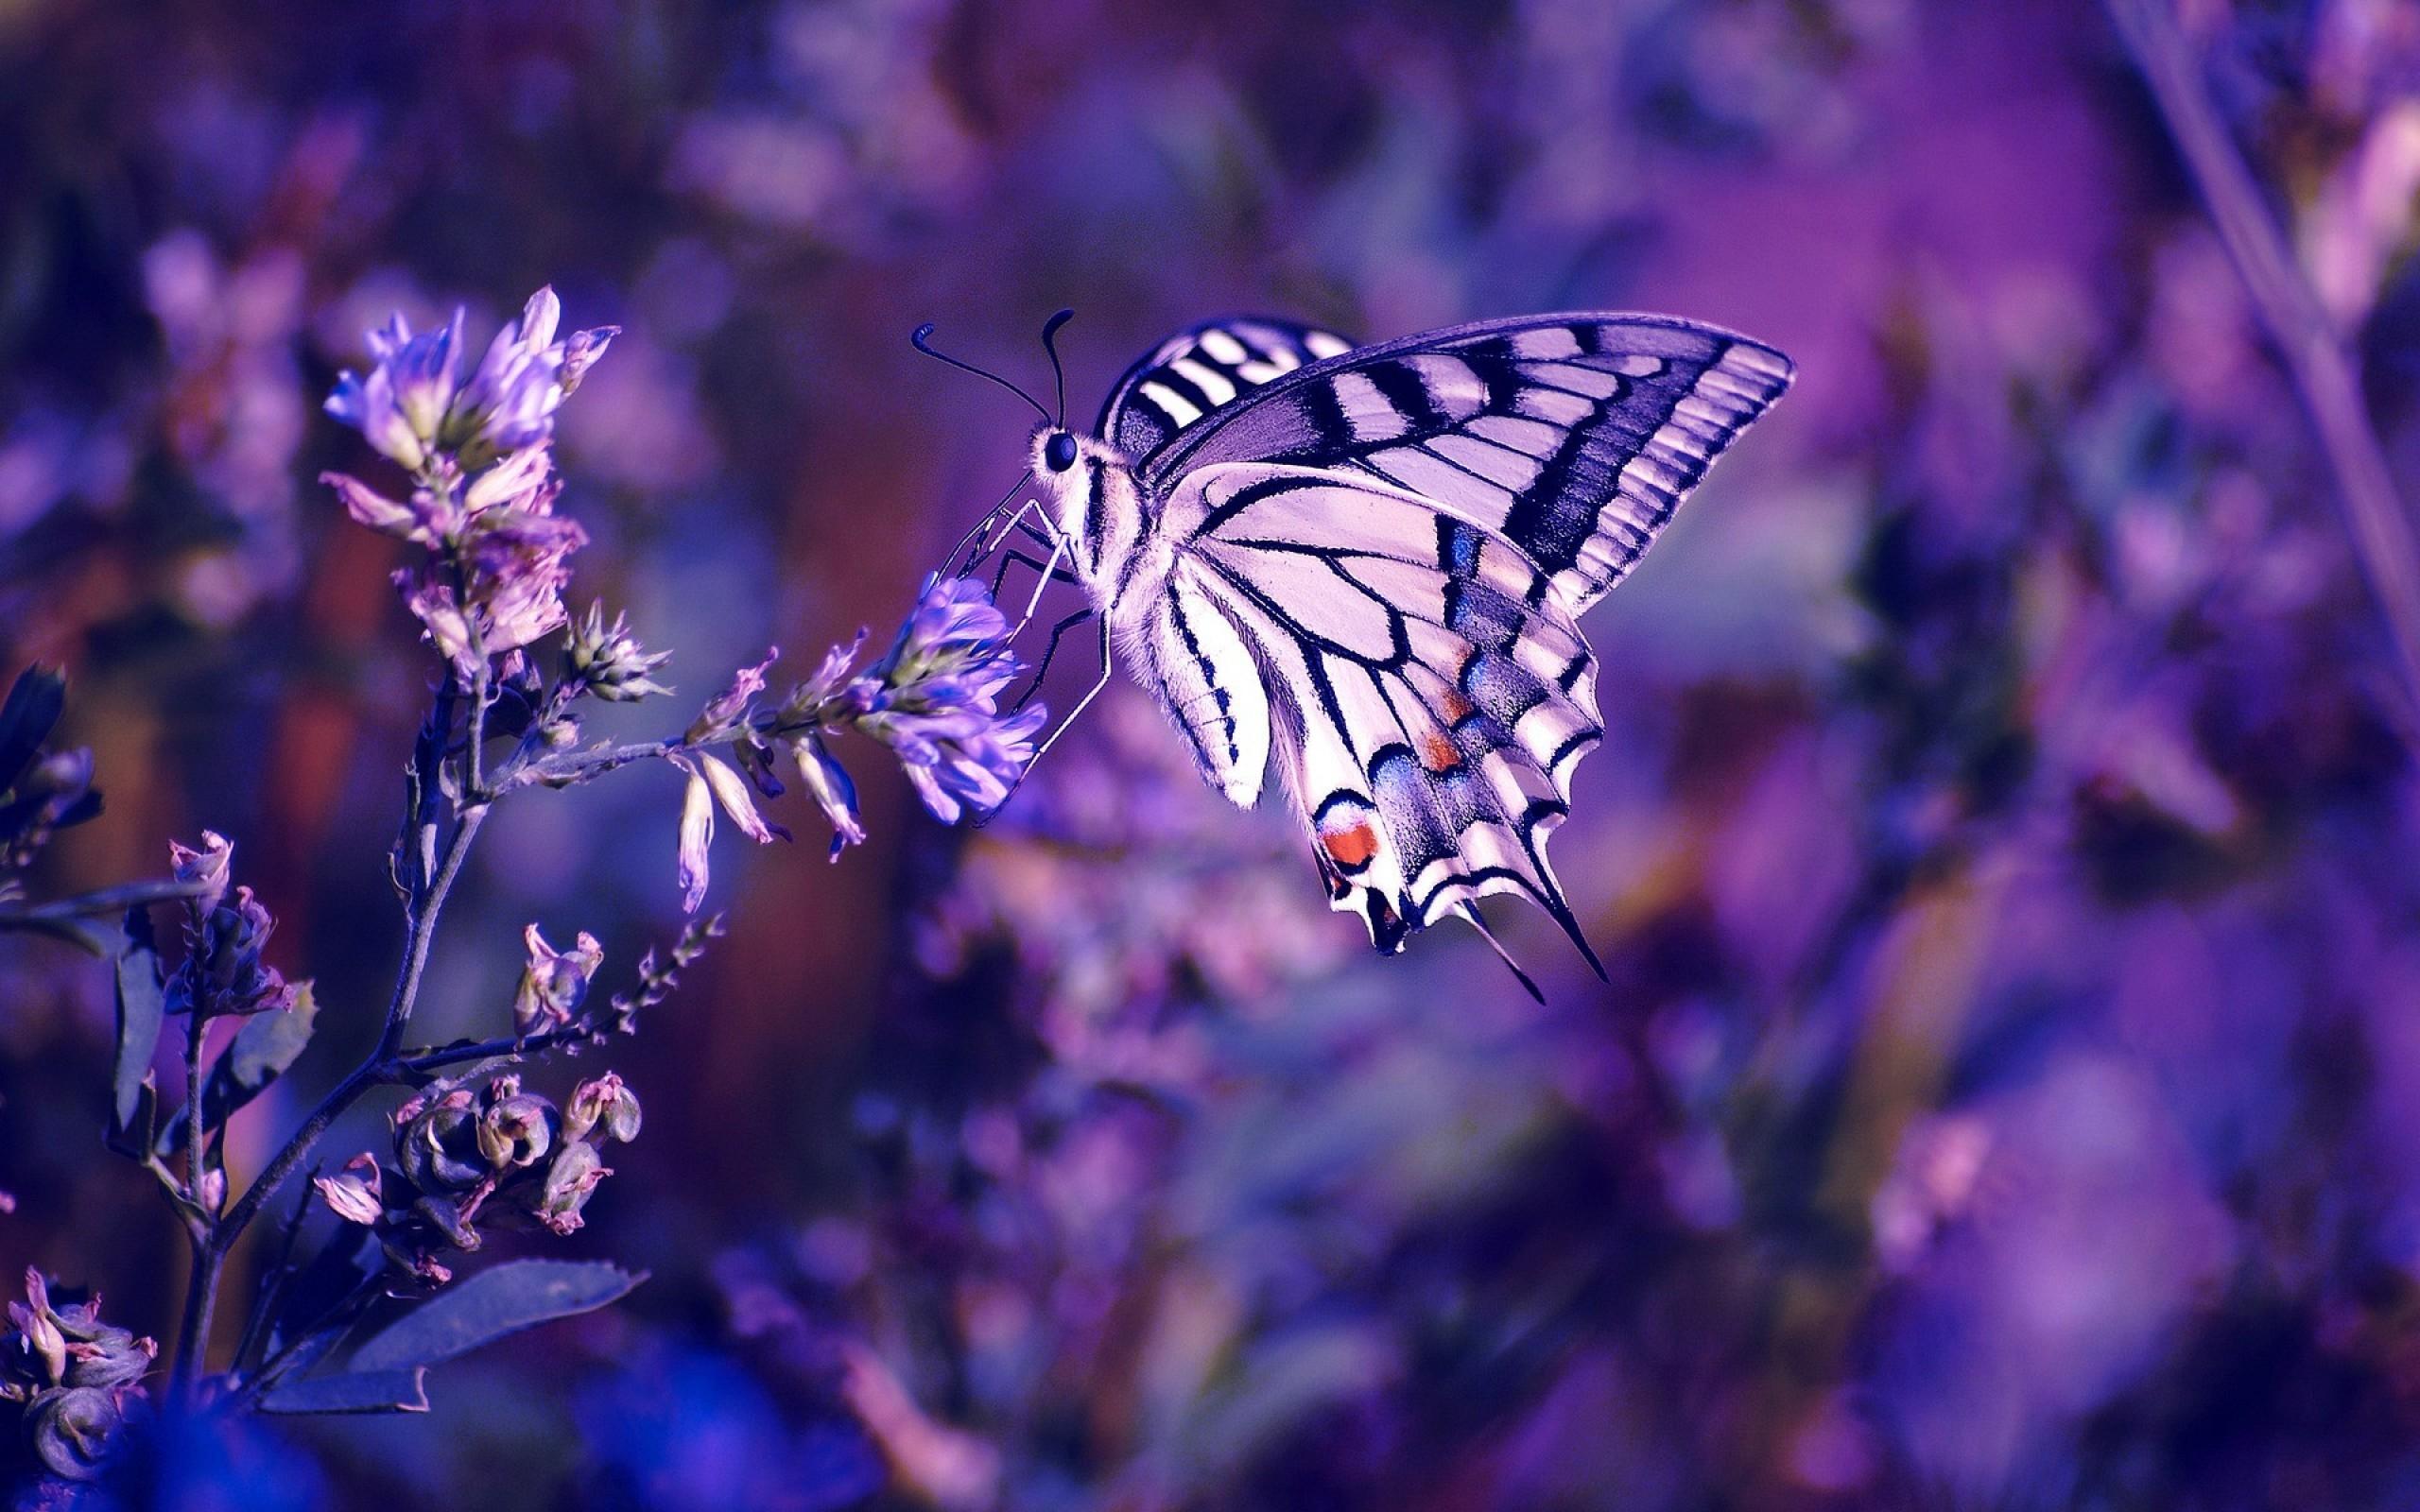 19709 скачать обои Бабочки, Насекомые - заставки и картинки бесплатно